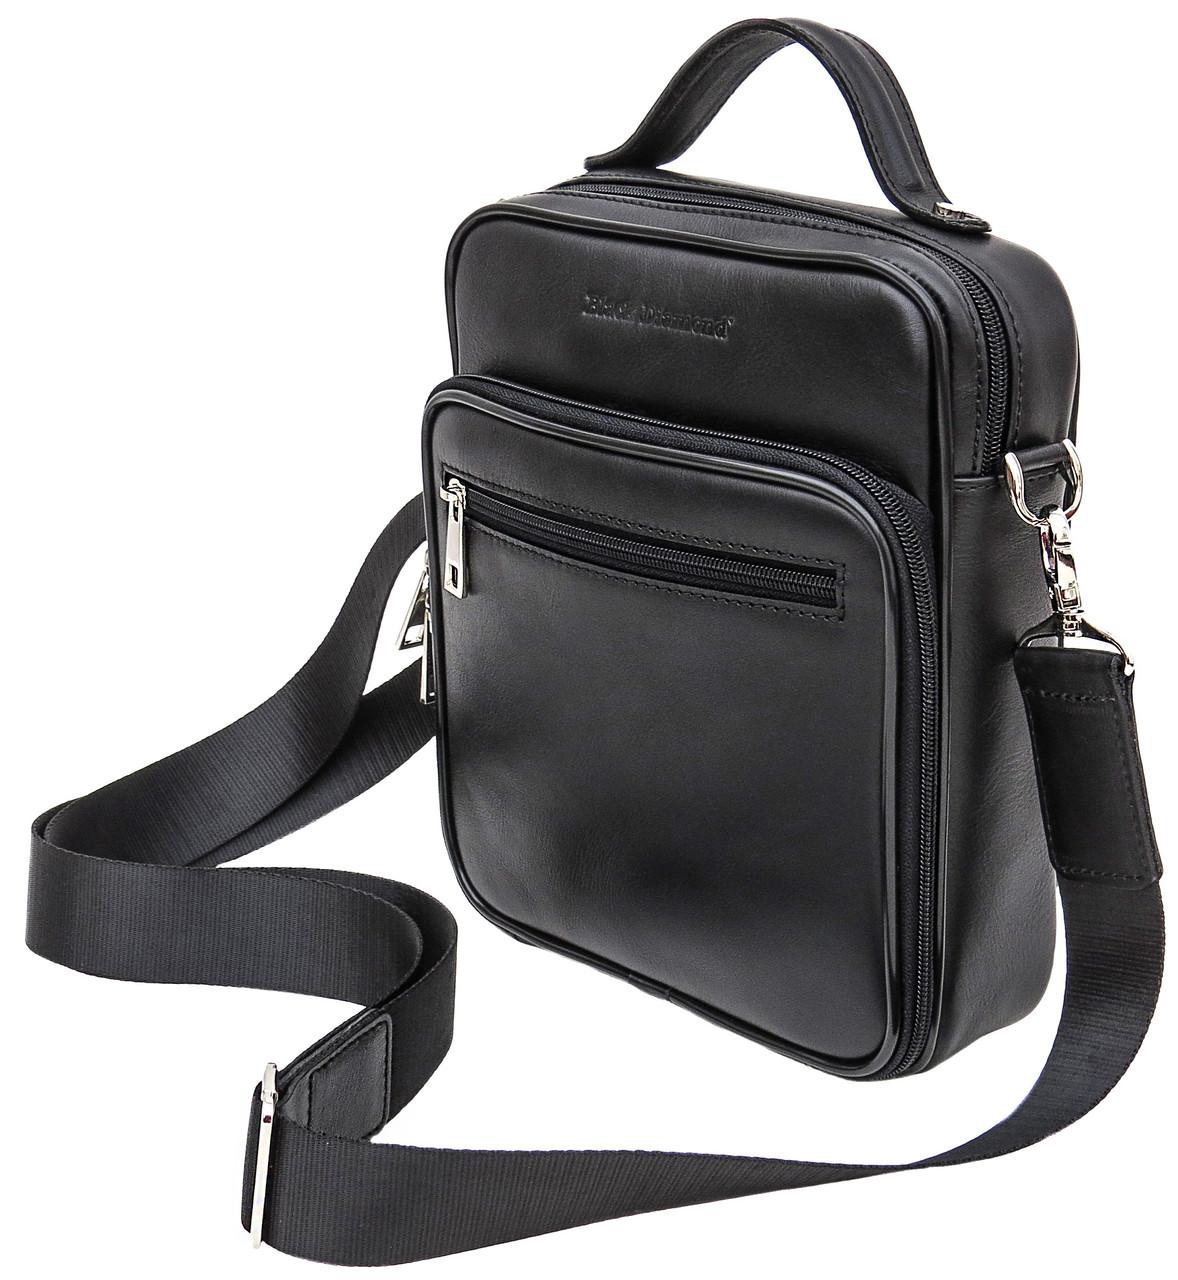 5051a3a6166f Мужская кожаная сумка Black Diamond BD45v2A: продажа, цена в ...